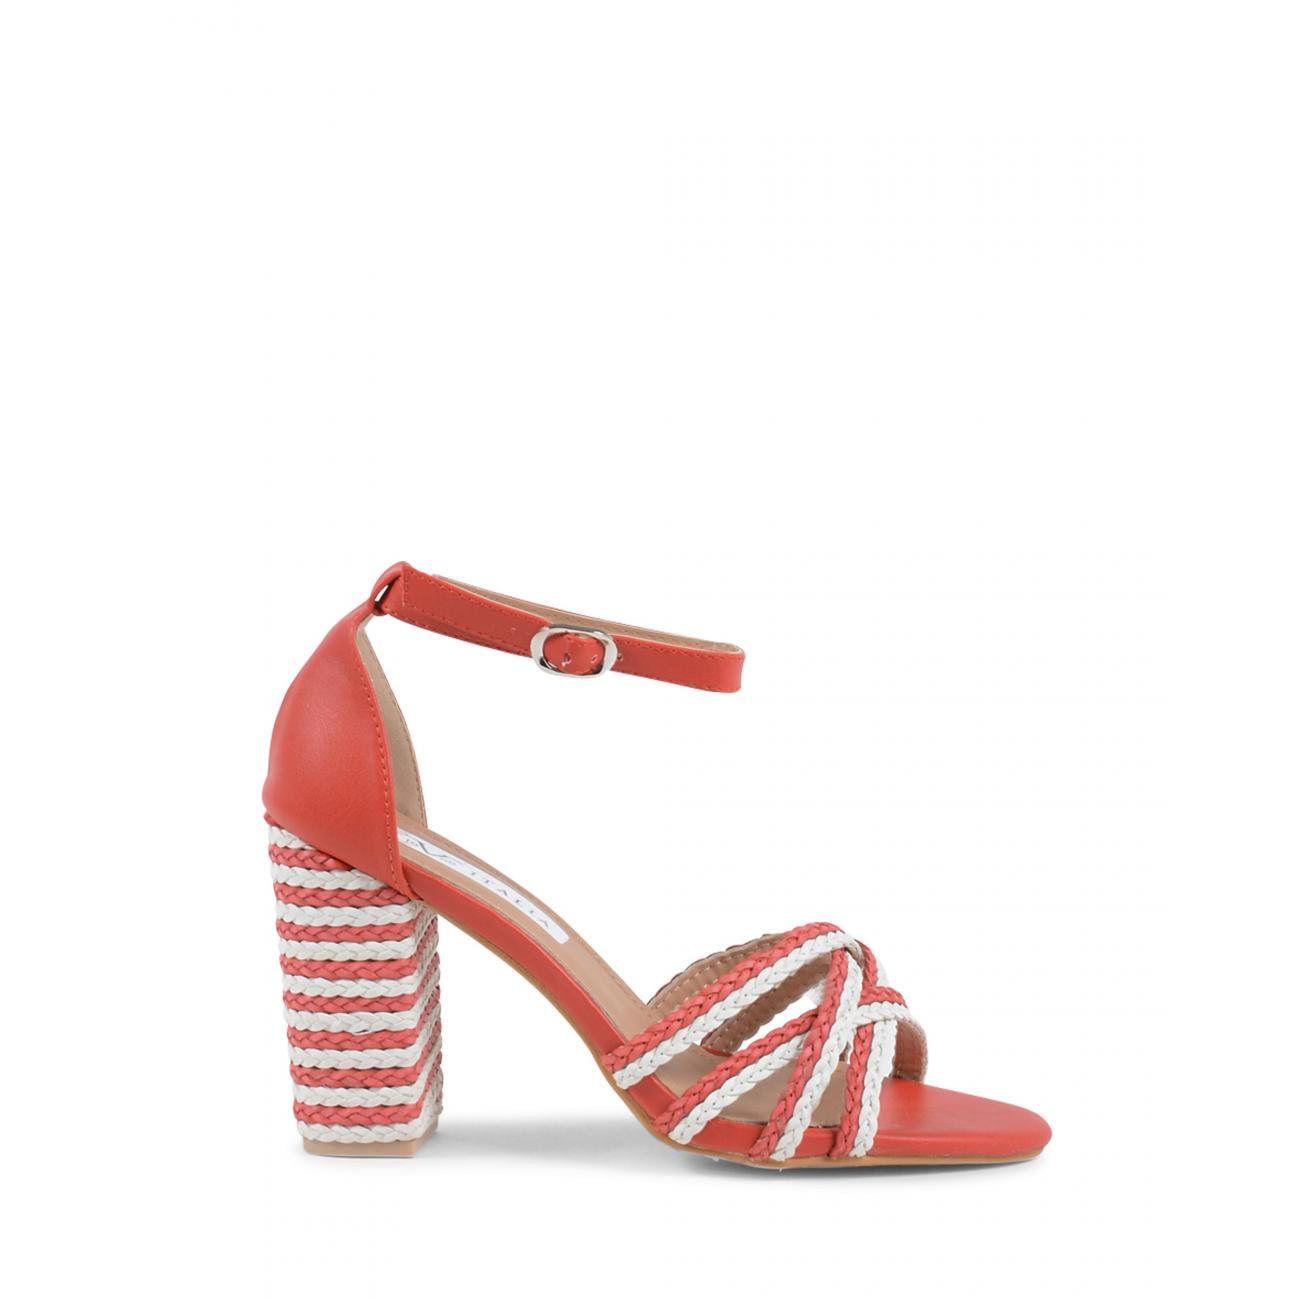 19V69 Italia Women's Ankle Strap Sandal Red V01 RED